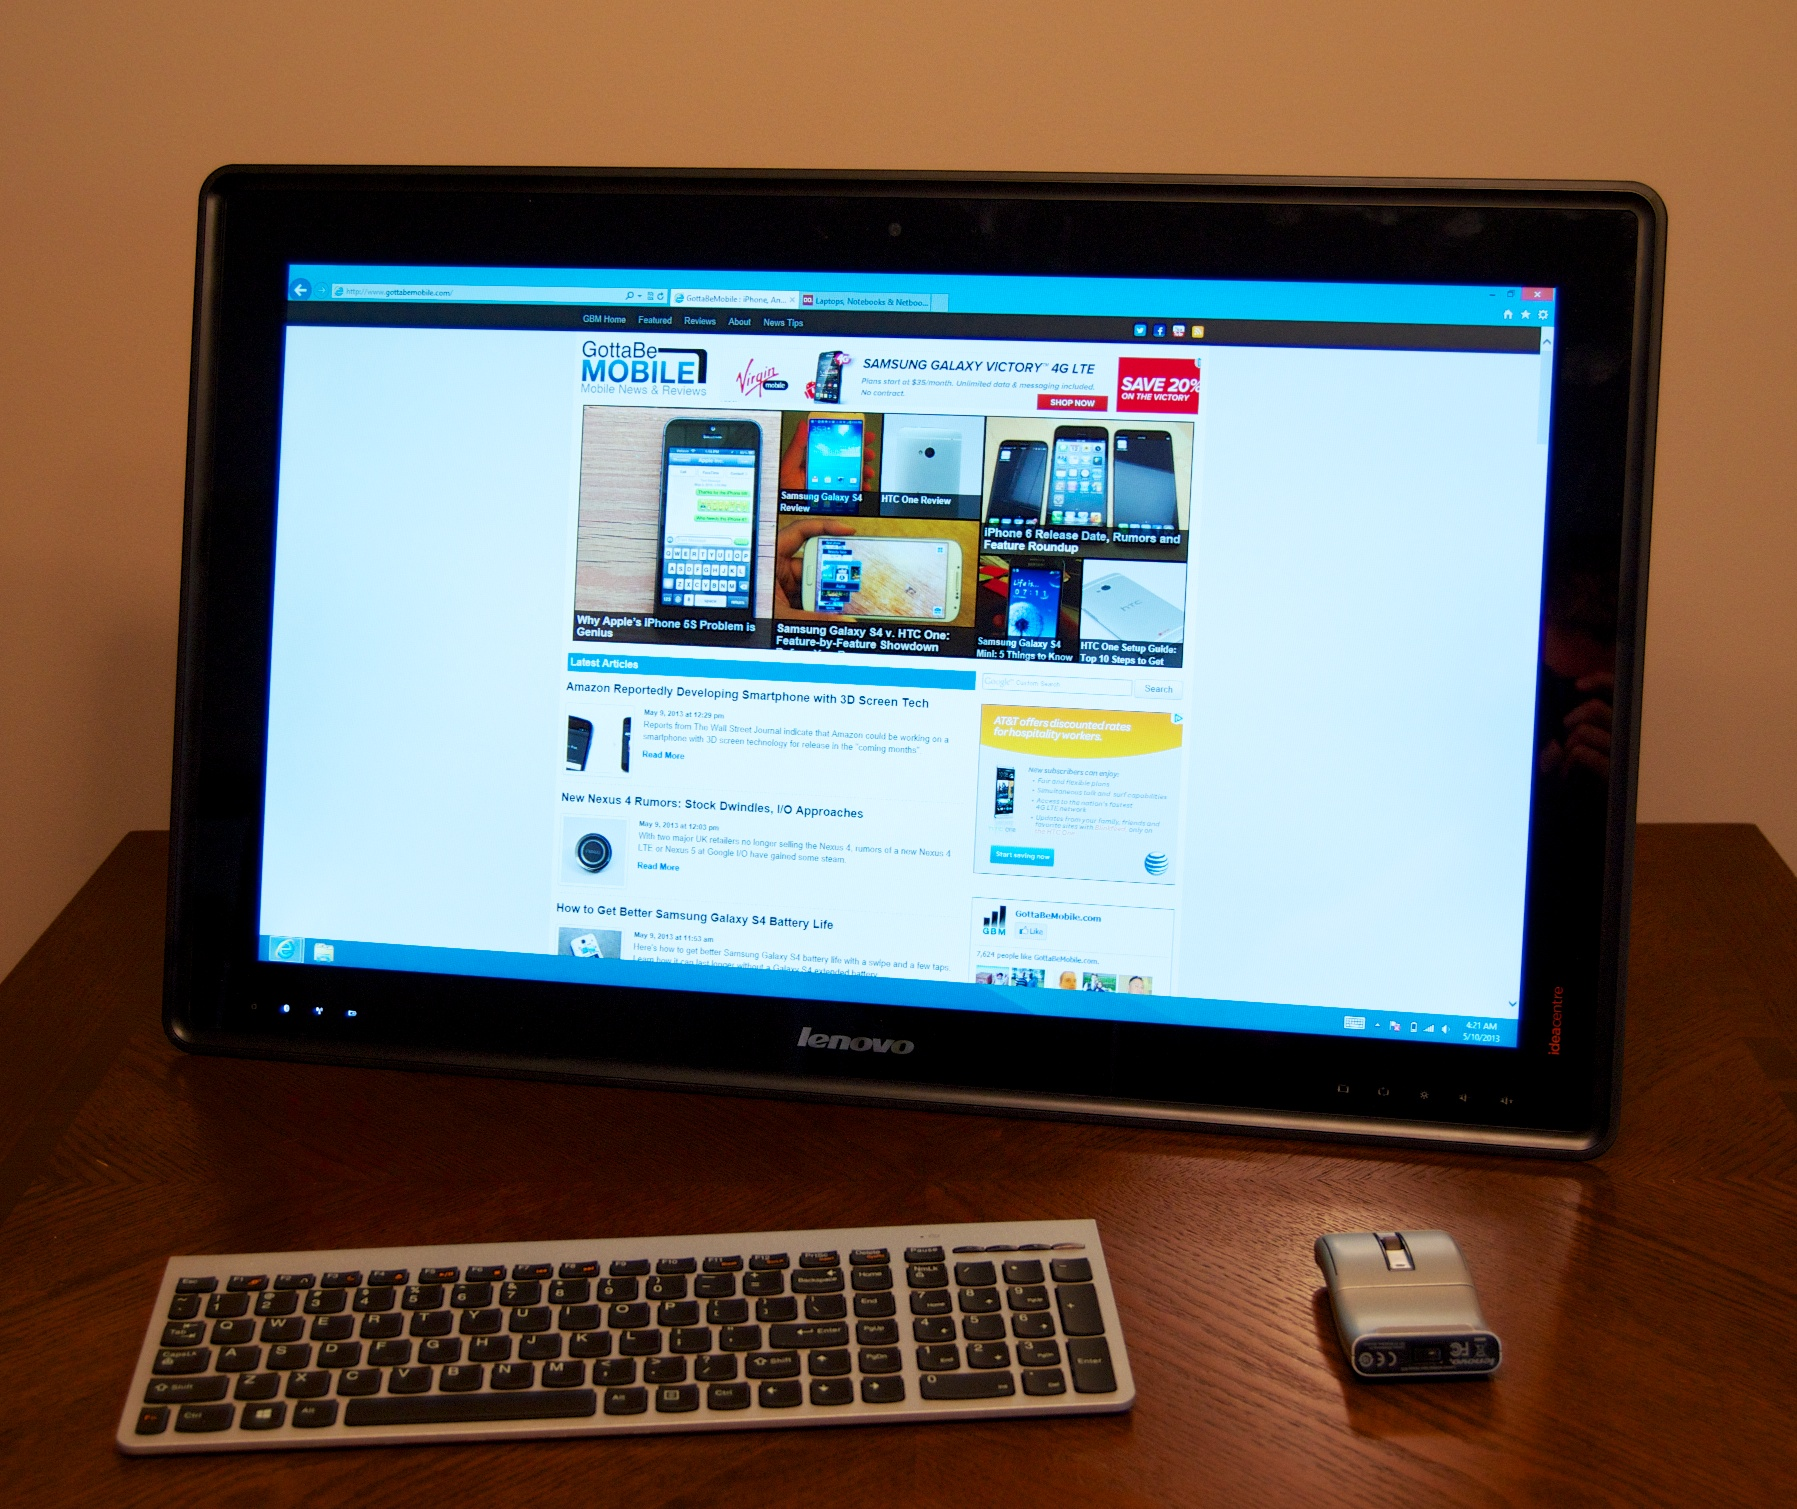 The Lenovo Horizon as a desktop all-in-one.